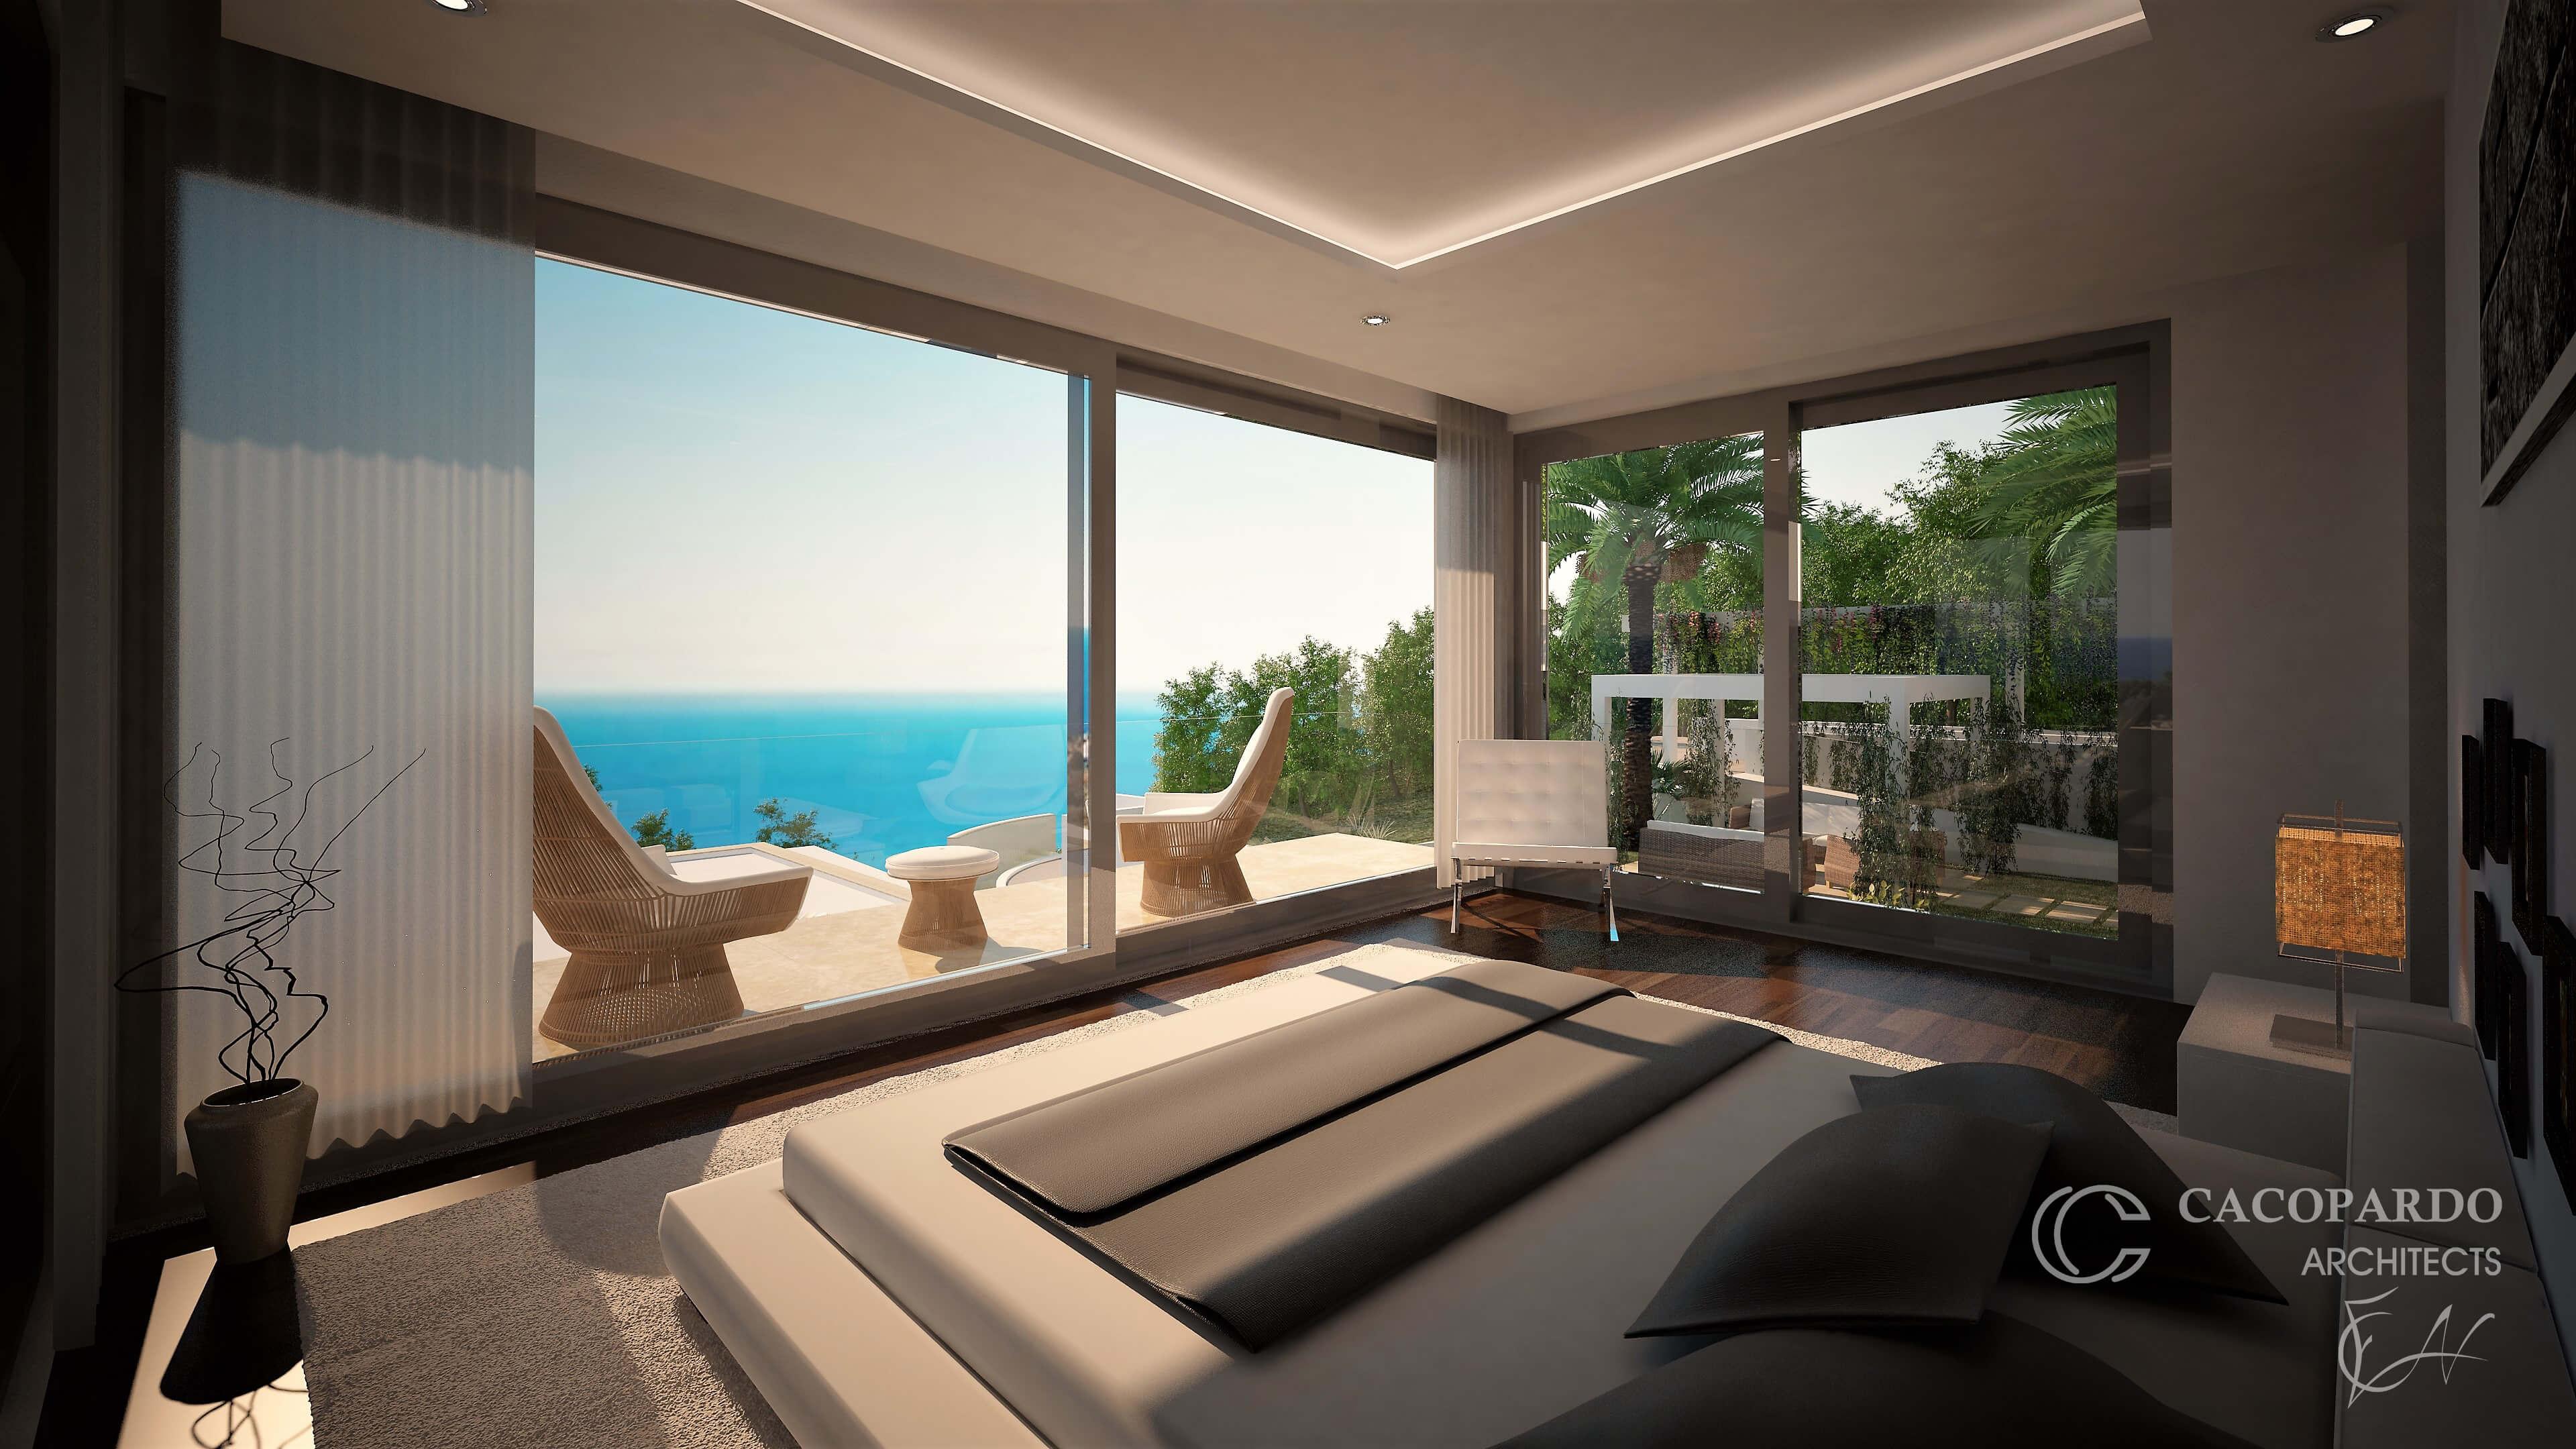 Vista del dormitorio-Villa 2-Urbanización Monteromero, La Cala de Mijas-Costa del Sol